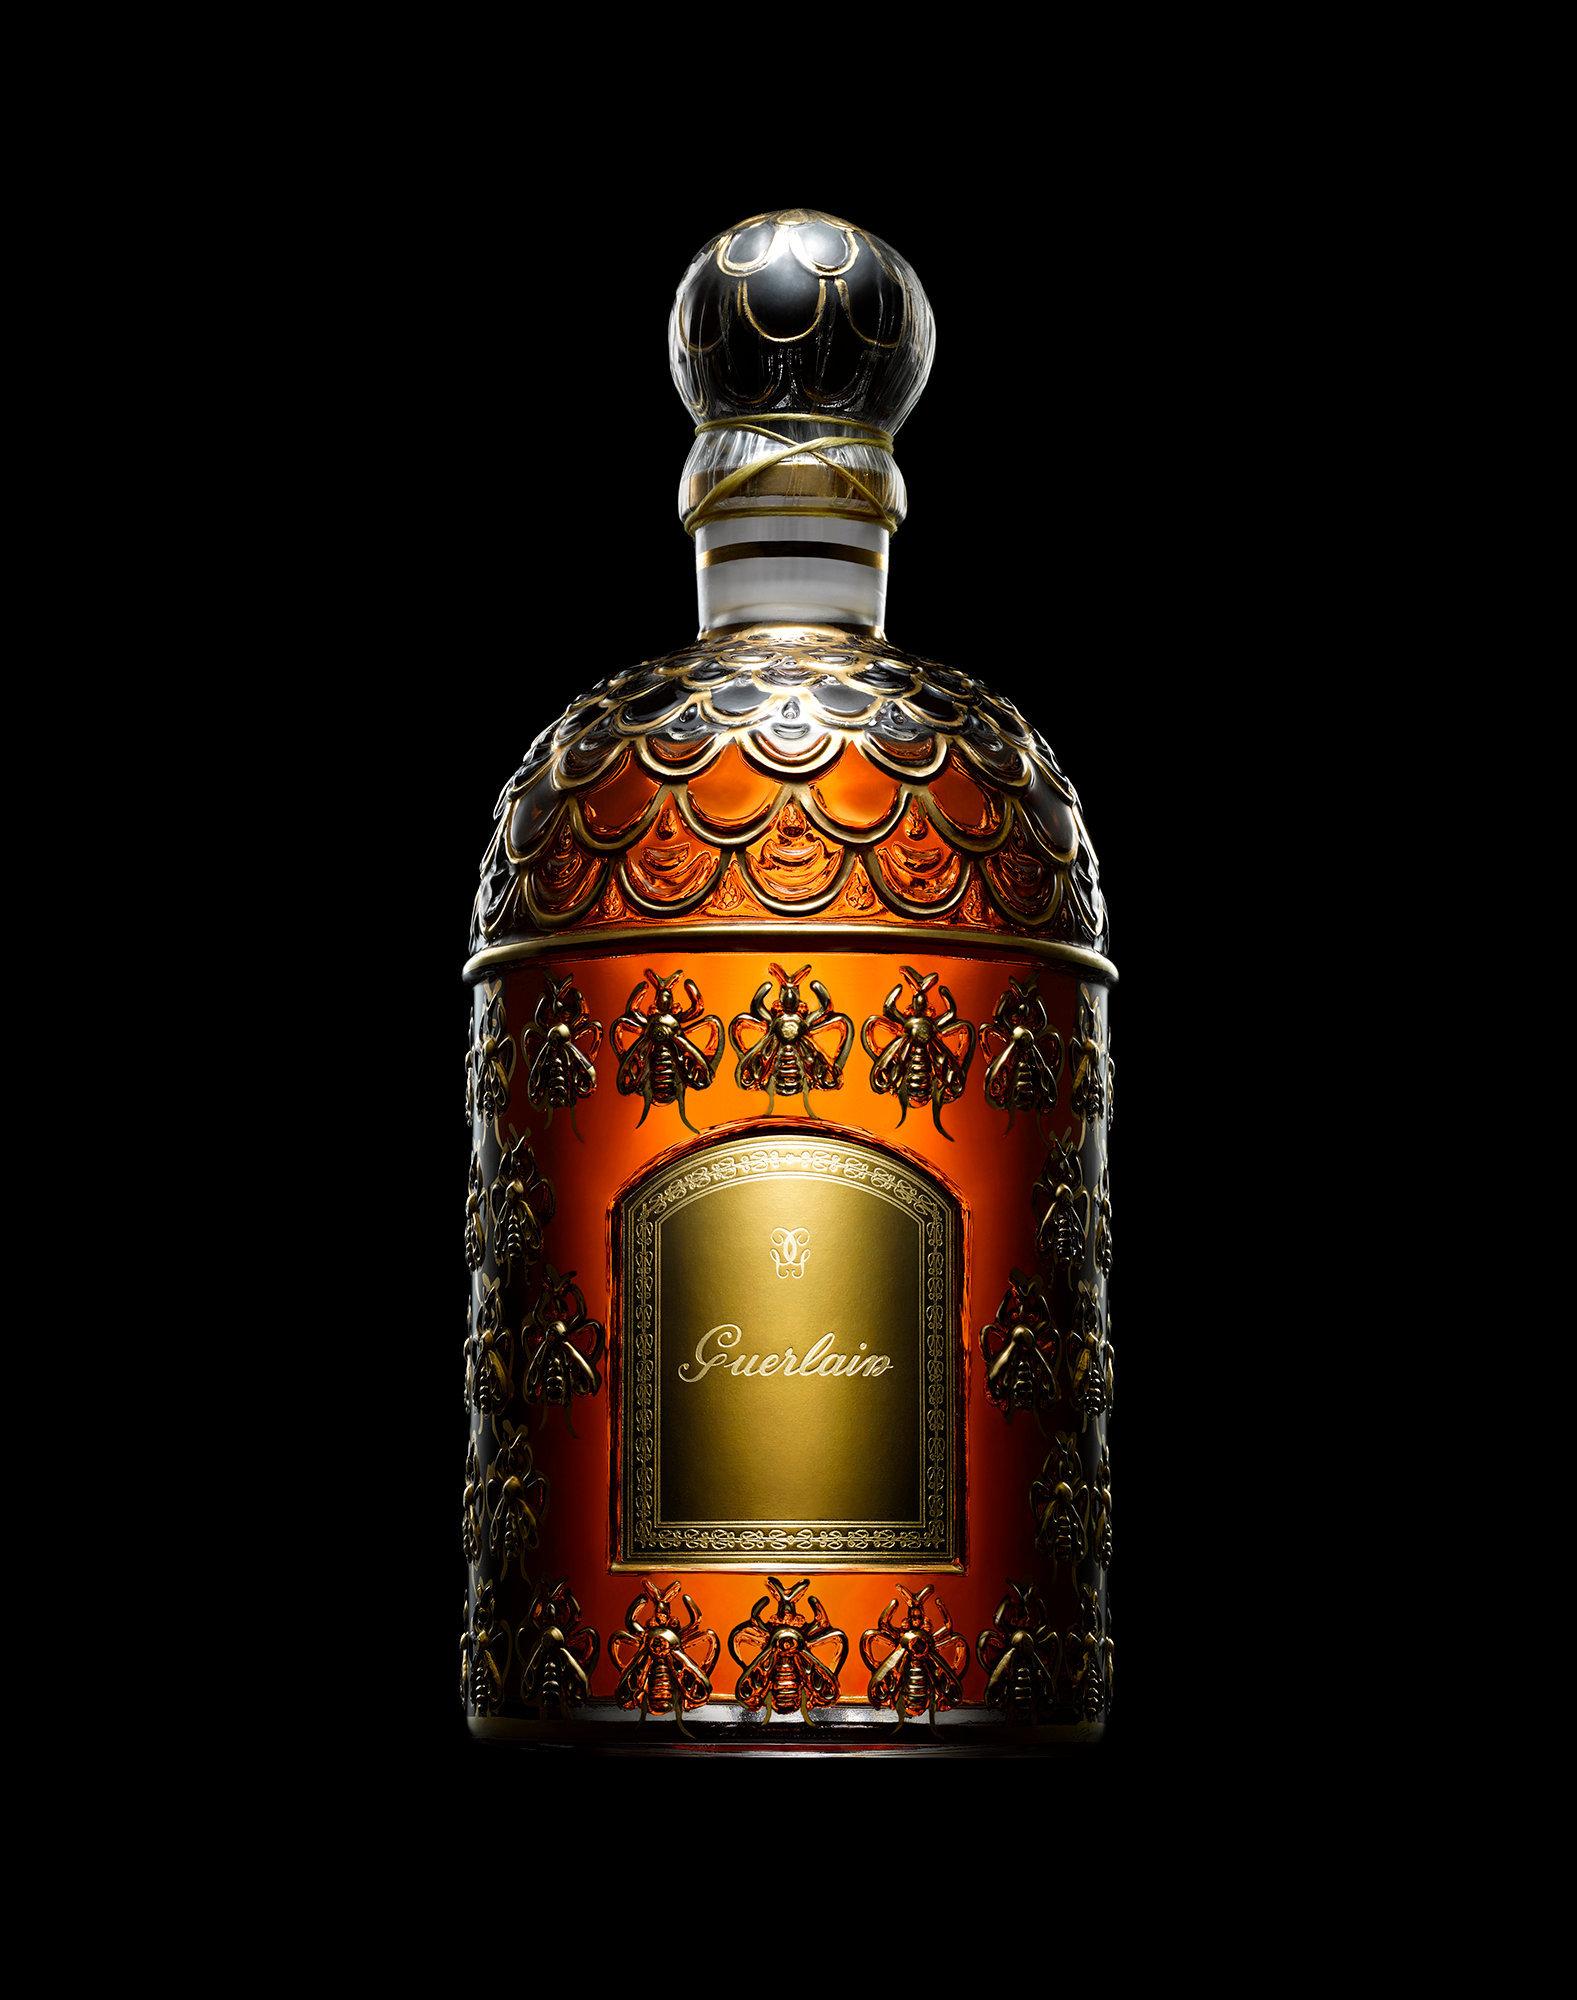 Guerlain 160th Anniversary Bottle.jpg